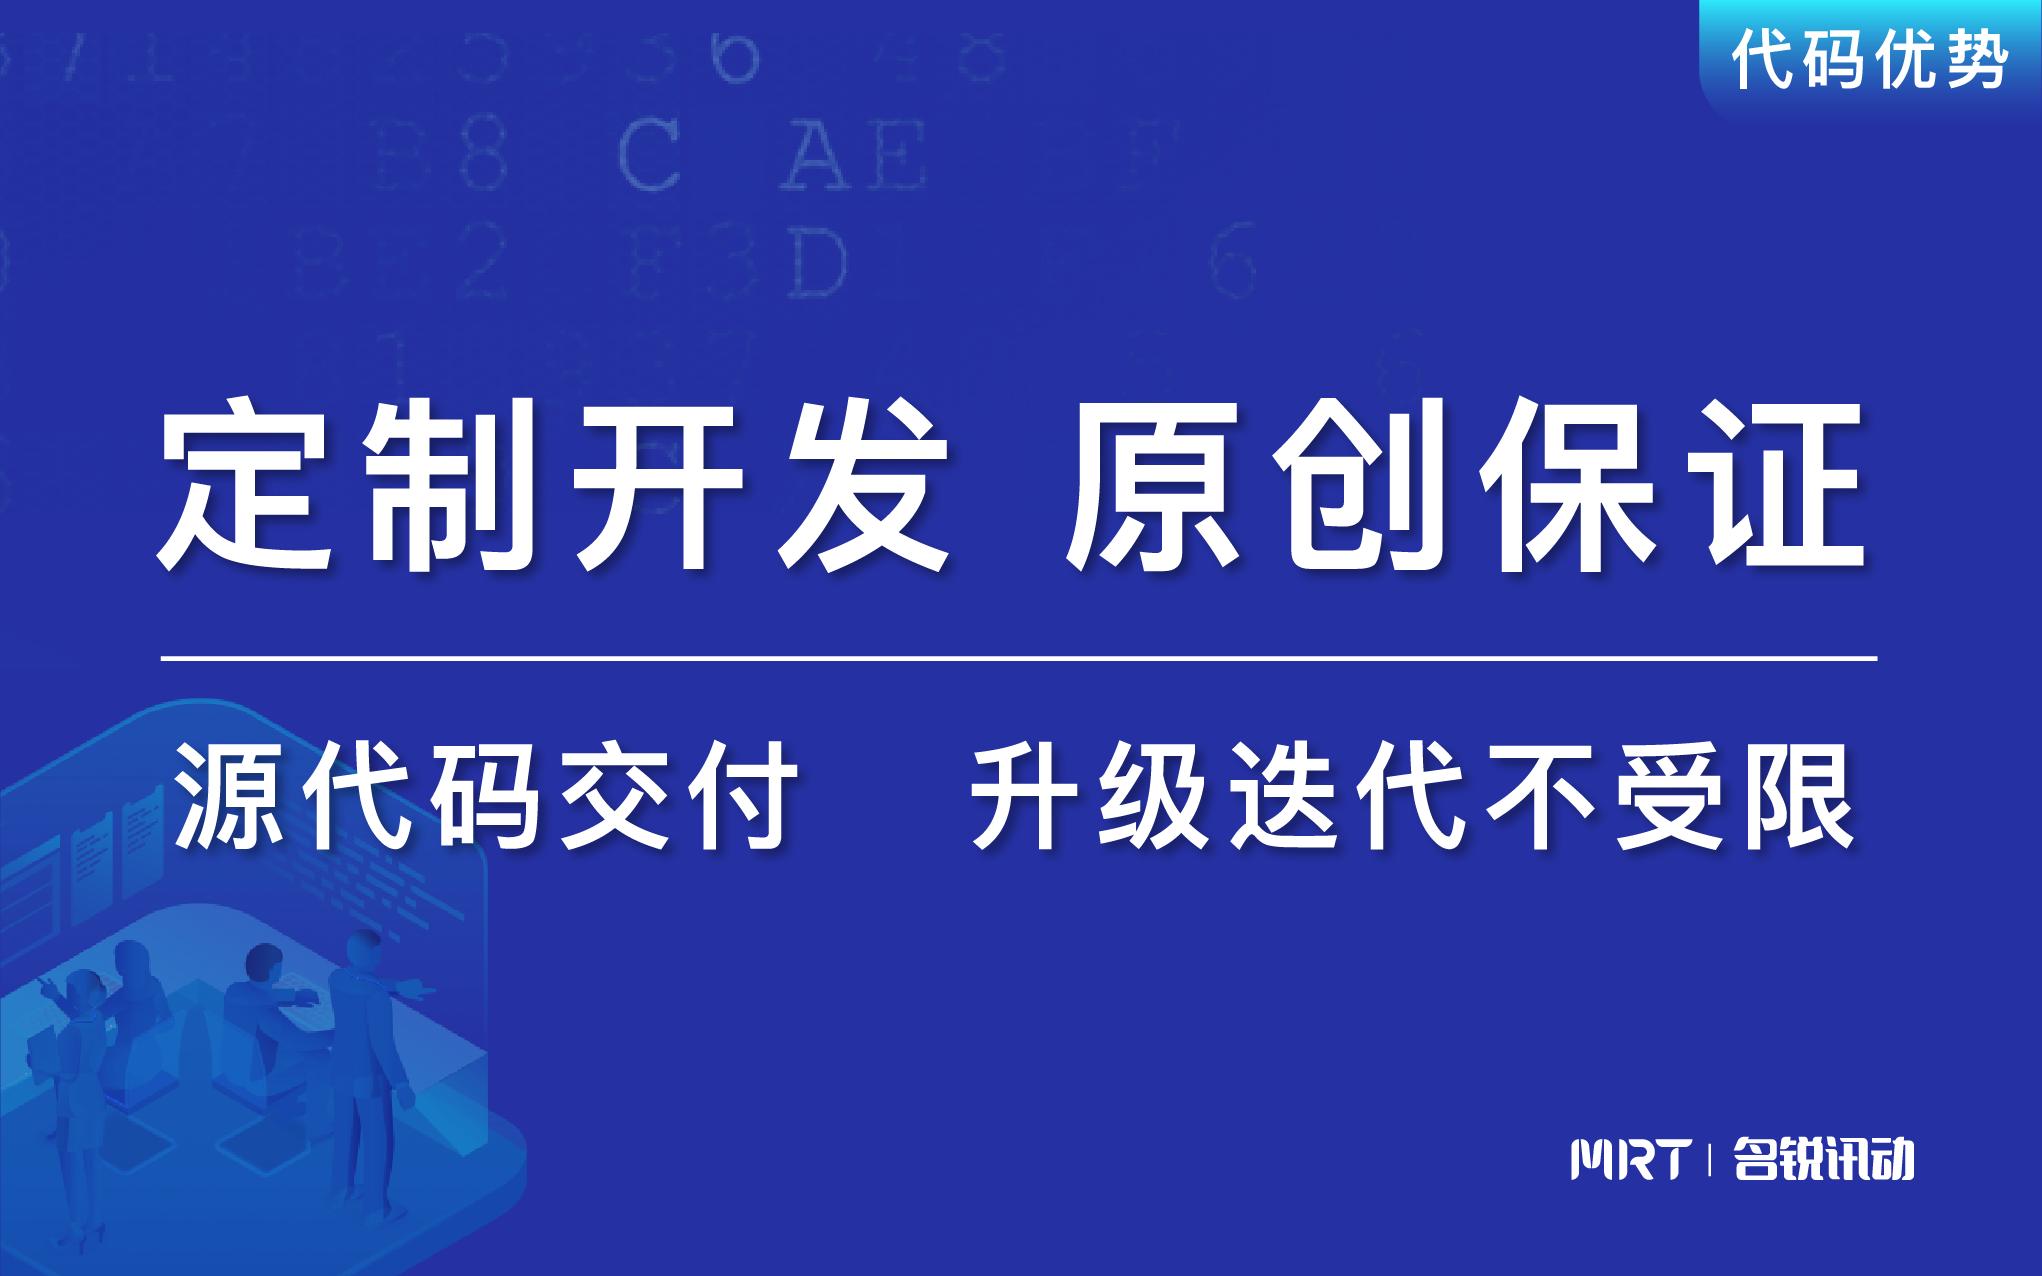 企业门户网站电商网站商城官网开发公司教育外贸网站仿站网页制作